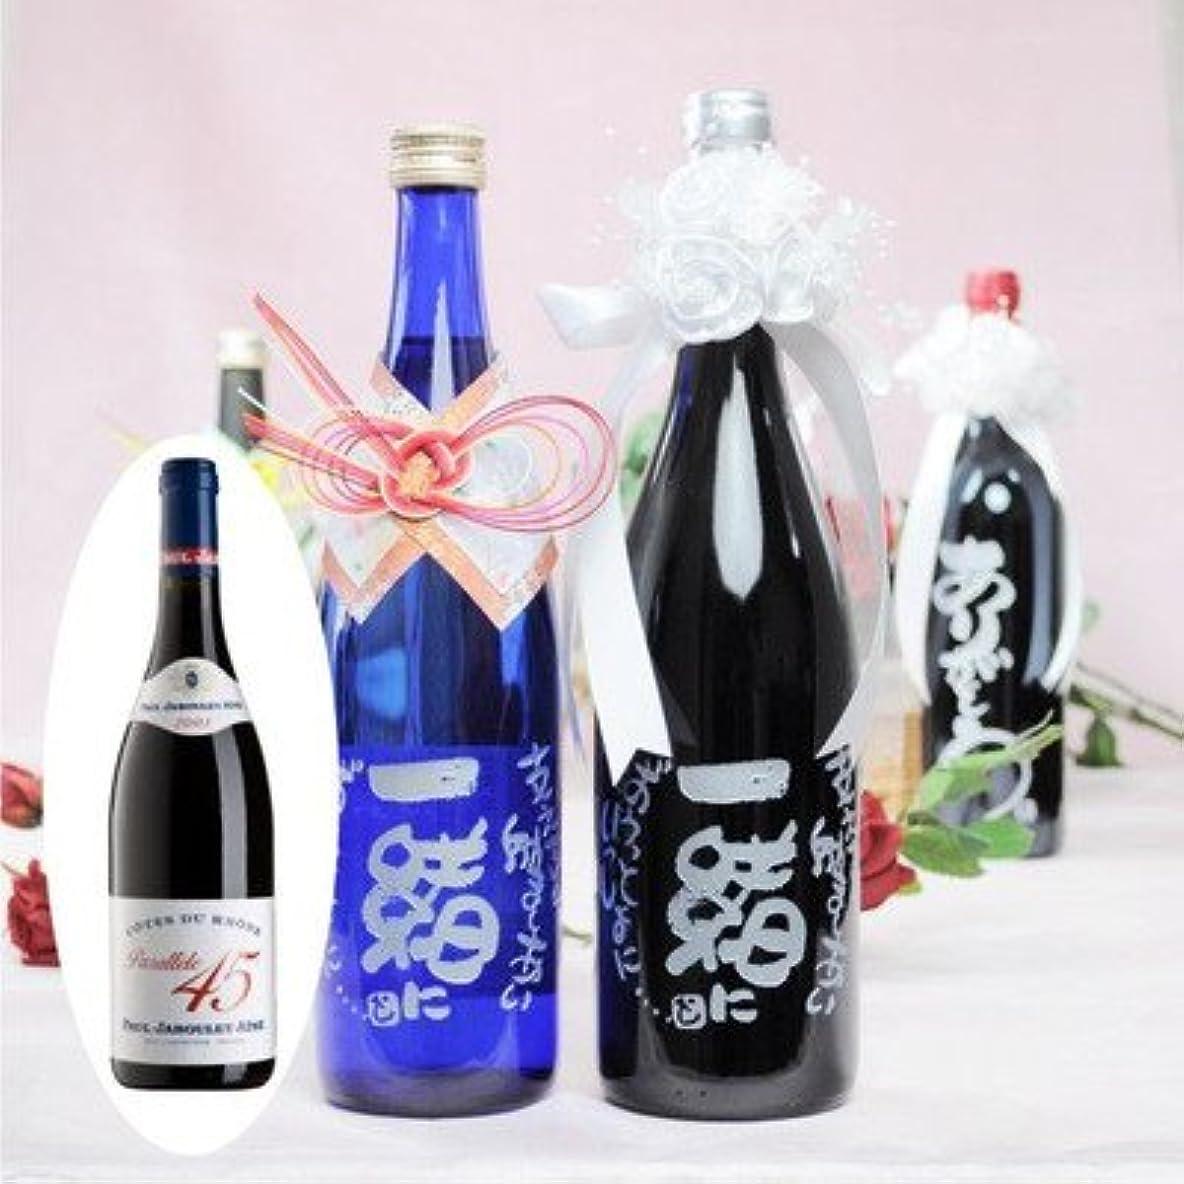 合図ペン先のことを考えるガラスデザイン工房 名入れ酒 フランス産赤ワイン フォント:FO-8